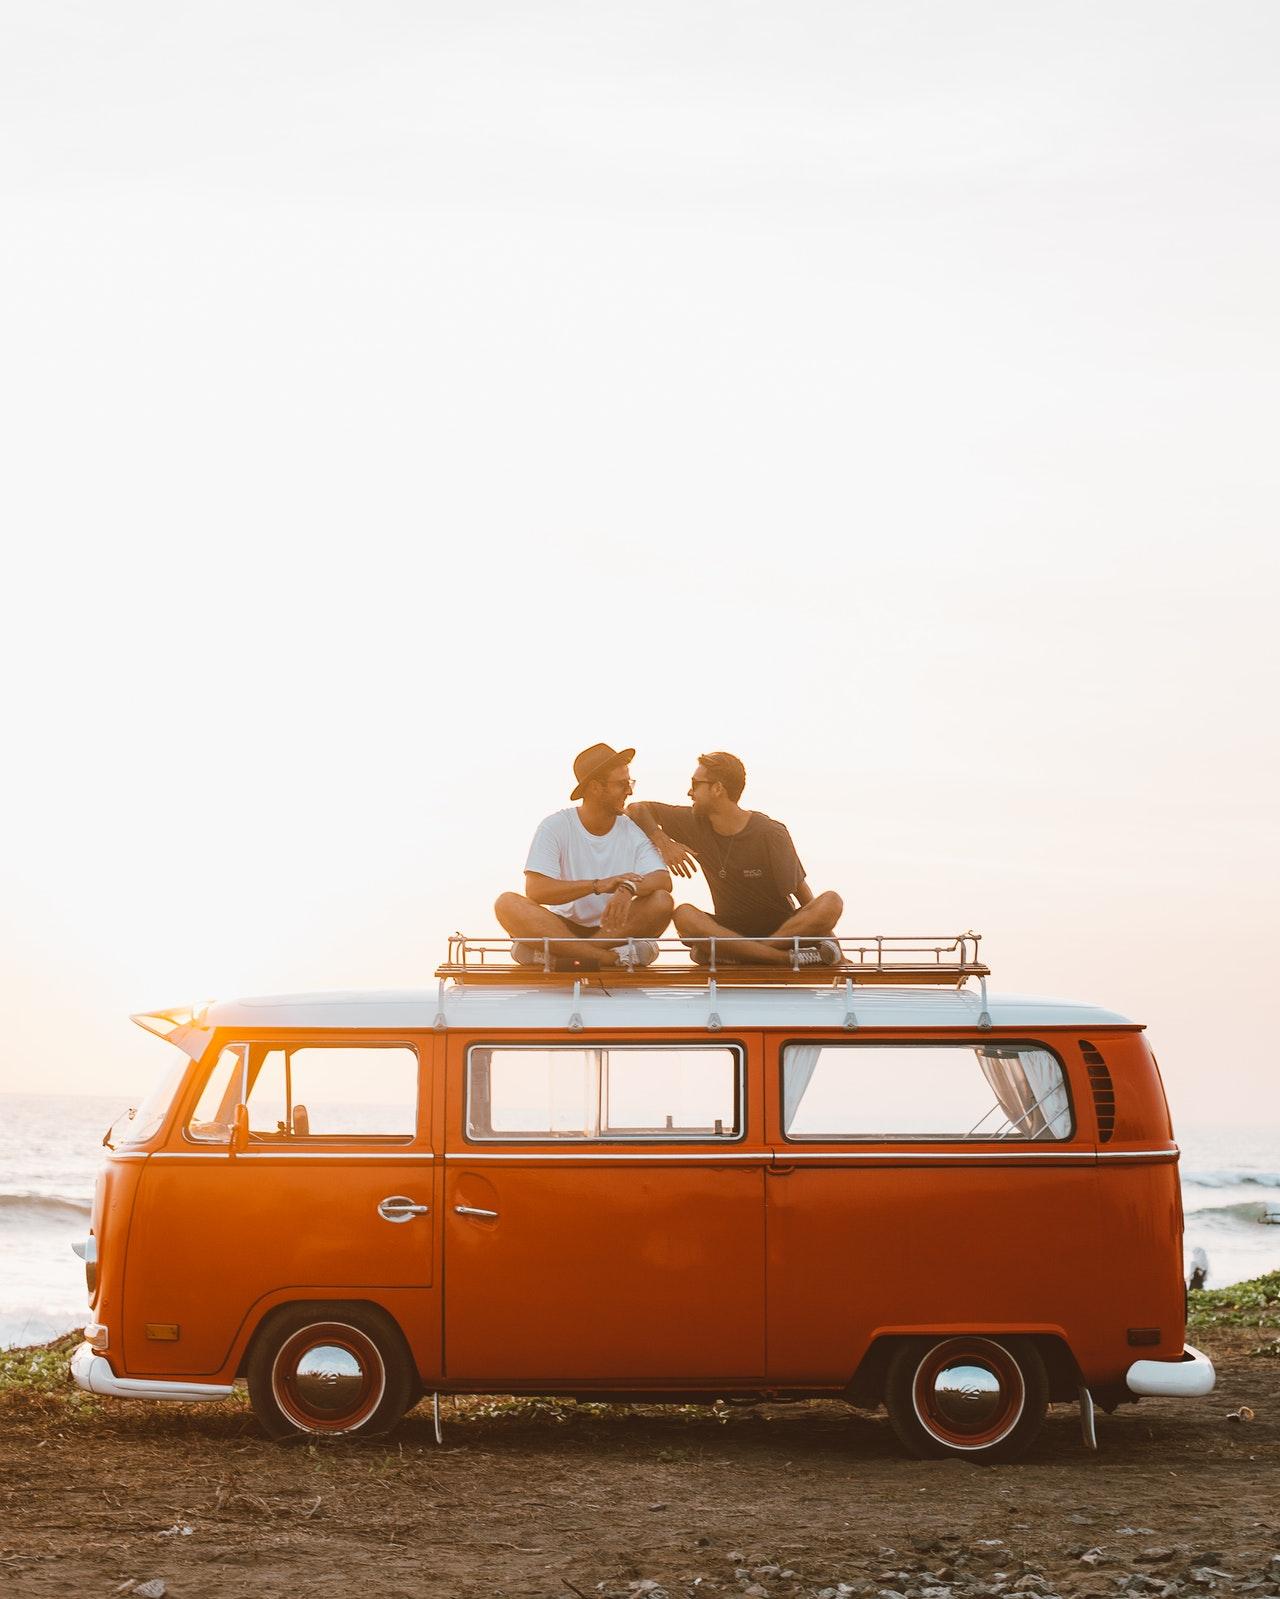 2 men talking on top of a volkswagen bus